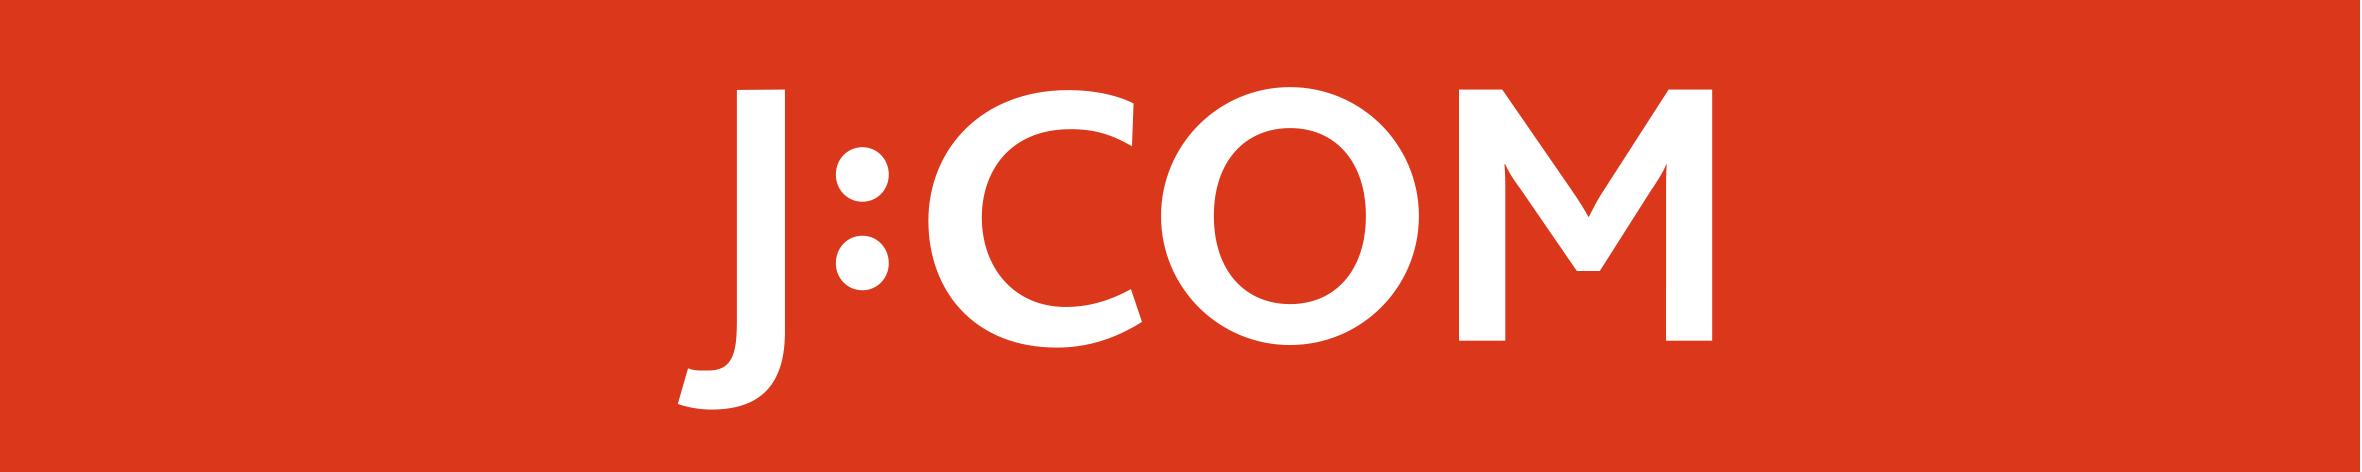 J-com.png